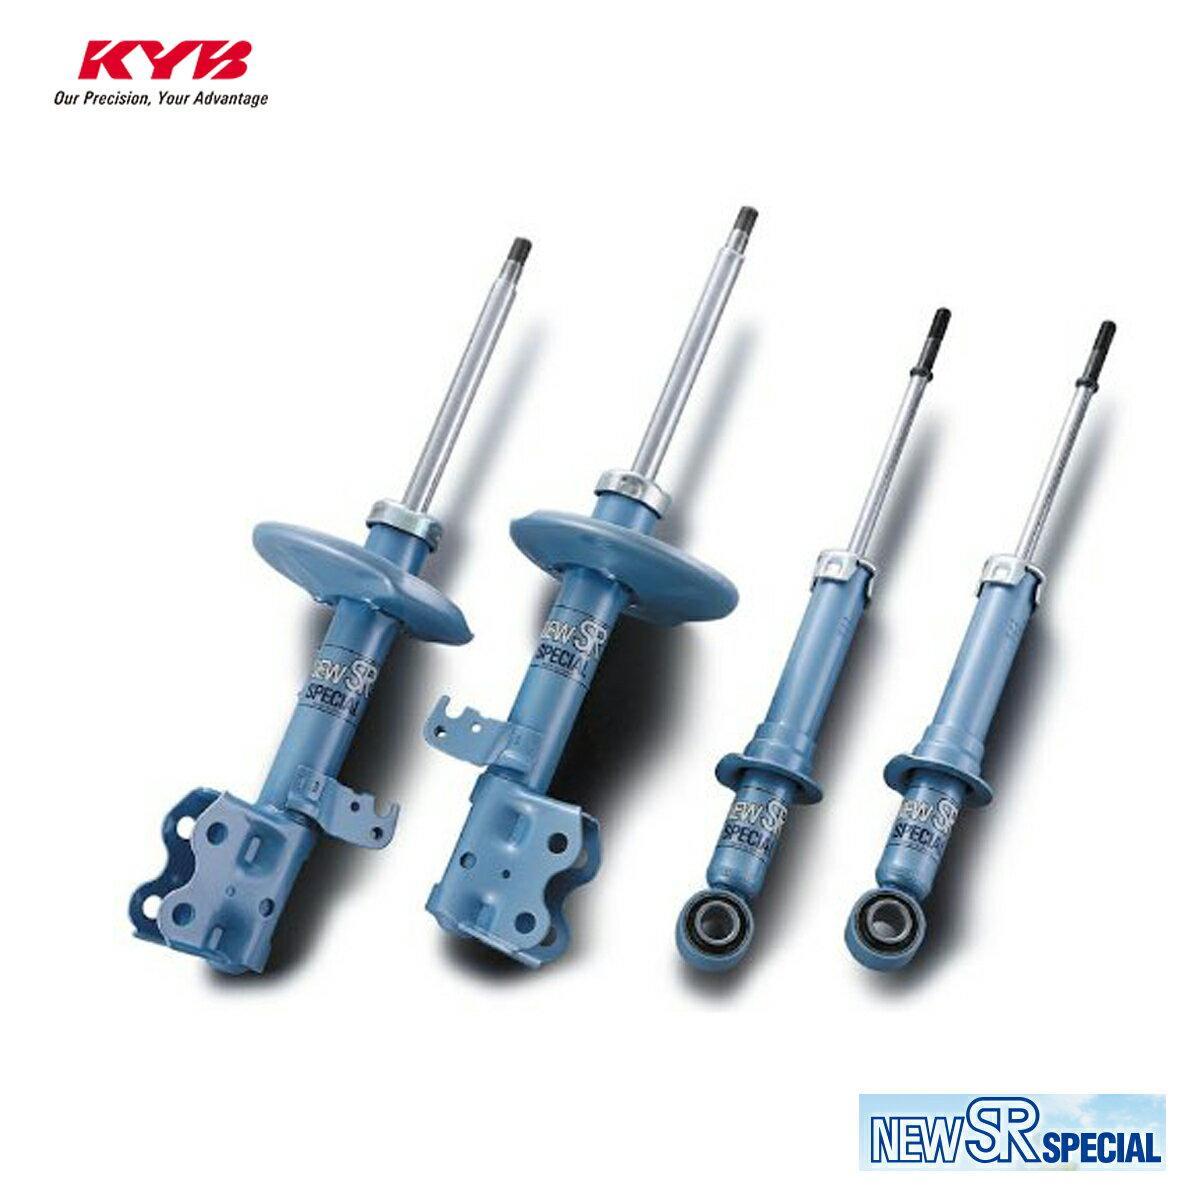 KYB カヤバ デミオ DW3W ショックアブソーバー リア用 1本 NEW SR SPECIAL NSF9073 配送先条件有り